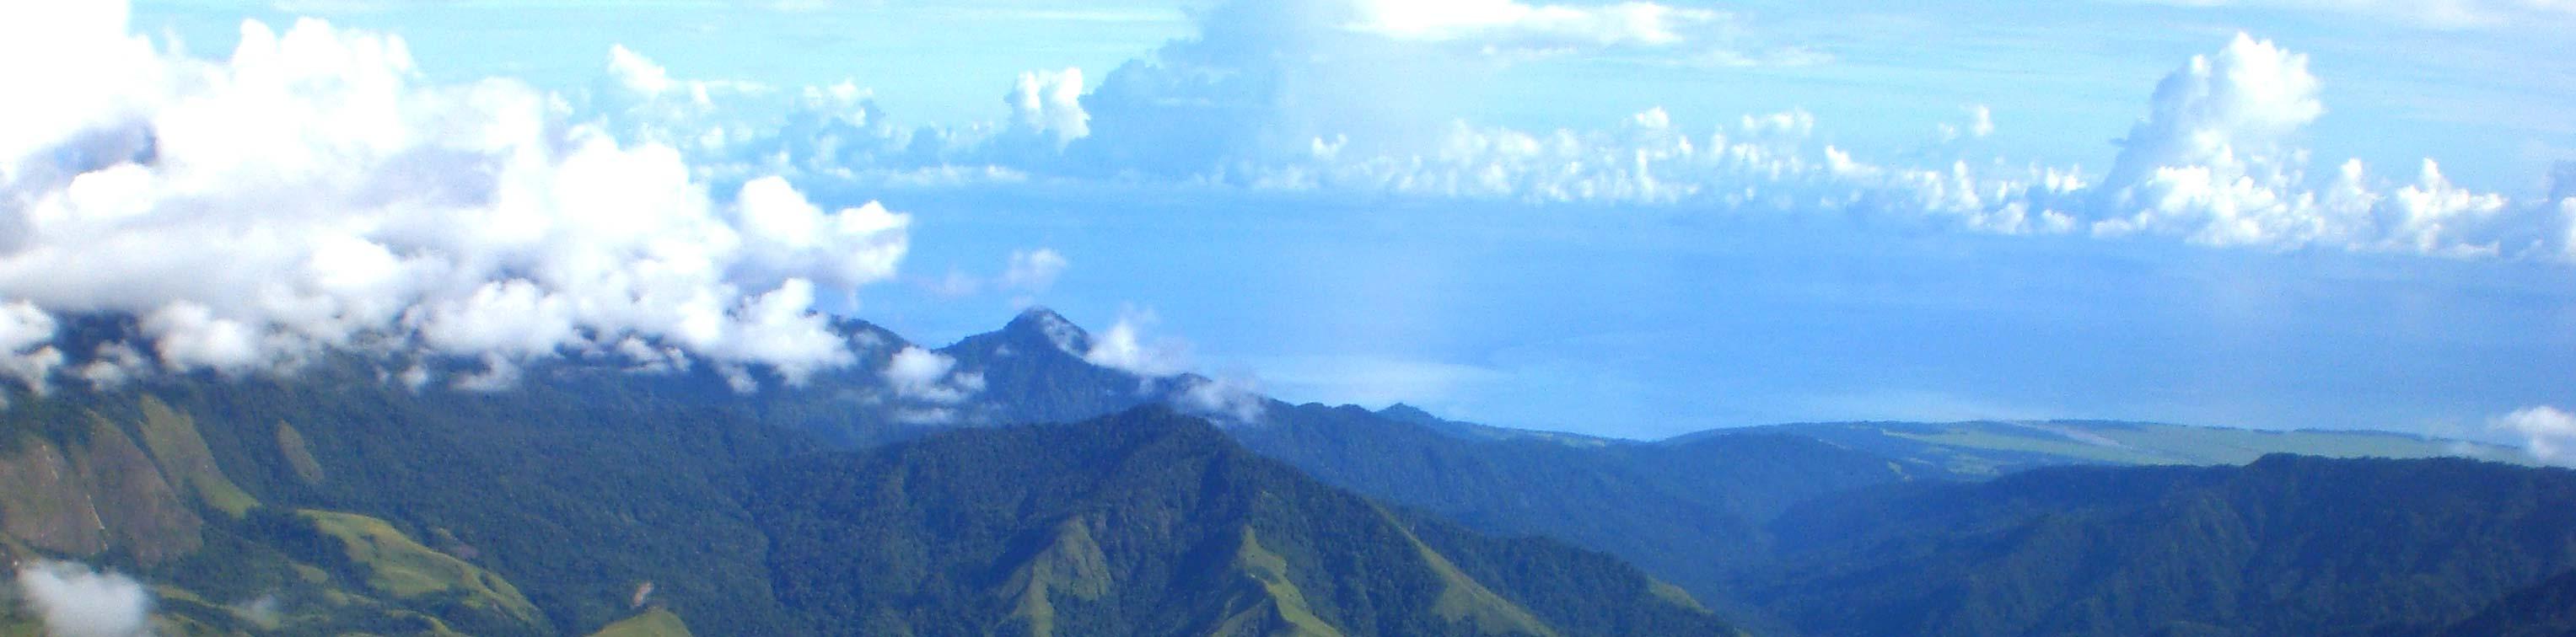 png-terrain-cimg5419